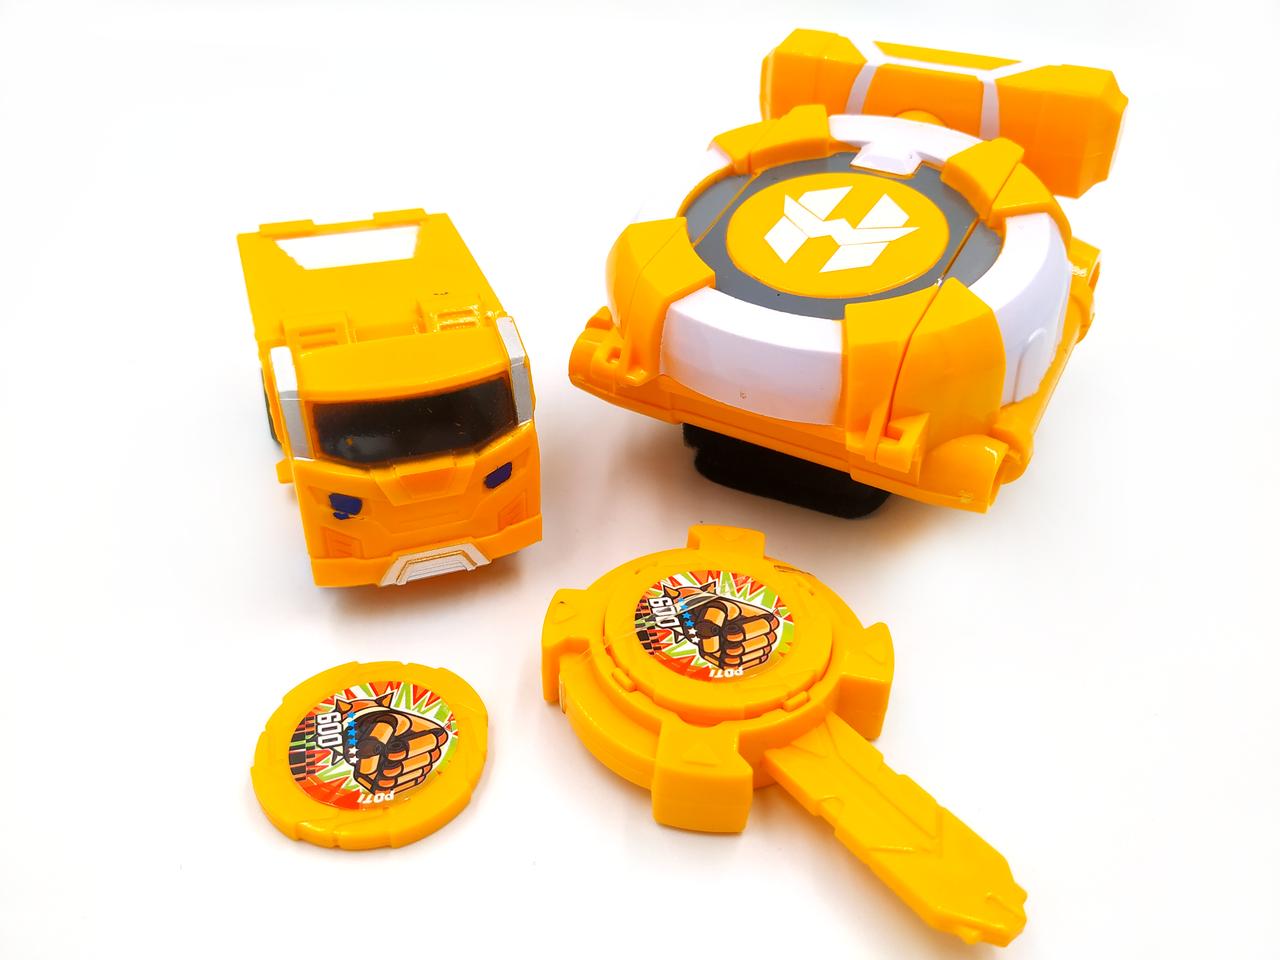 Іграшка Ліга Вотчкар (машинка Поті і Мару) + запускалка WatchCar жовтий